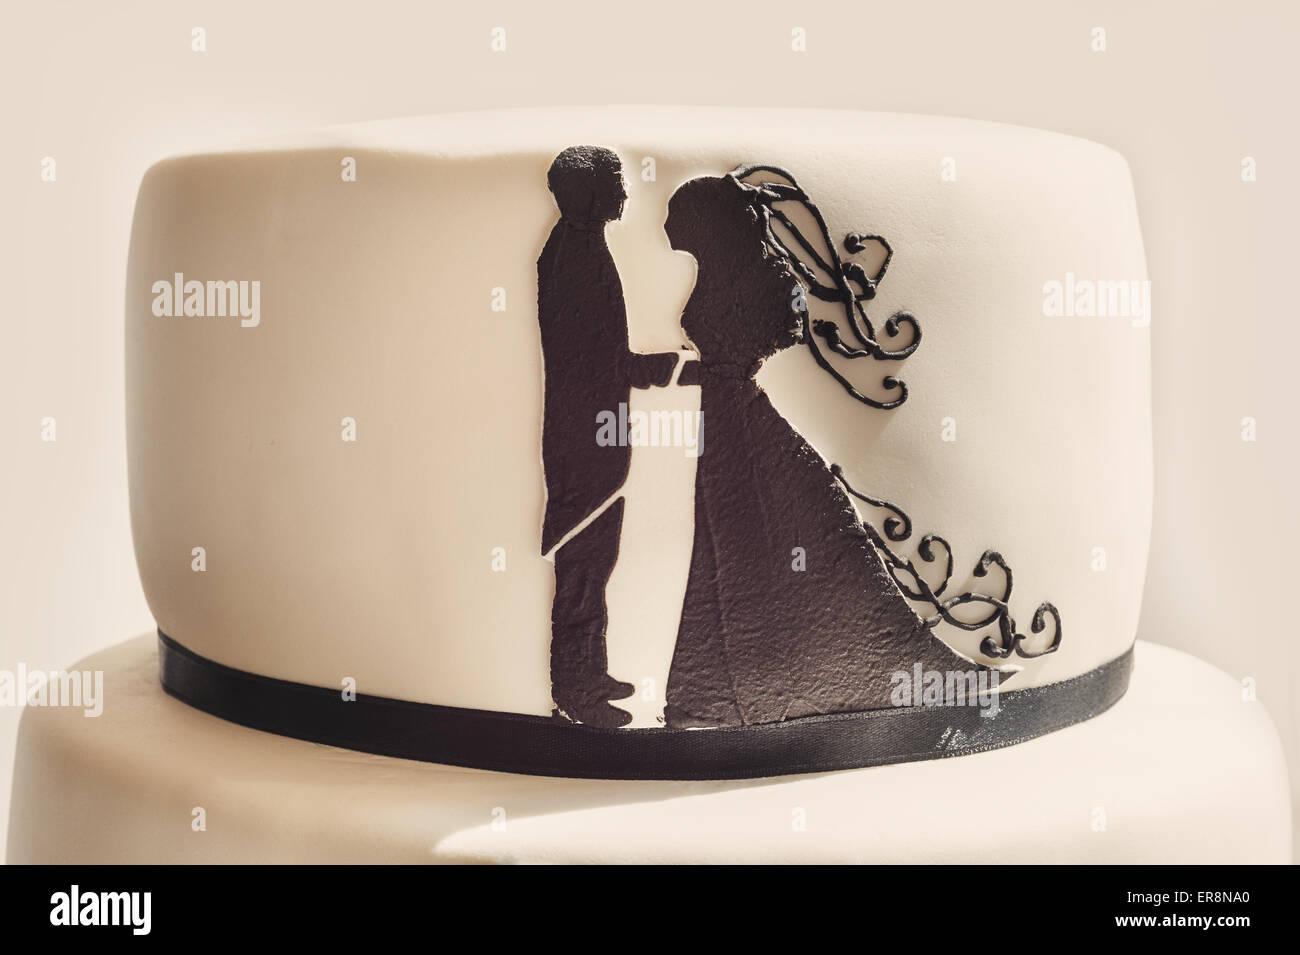 Detalles de un pastel de bodas, azúcar blanco, crema y siluetas negras. Imagen De Stock